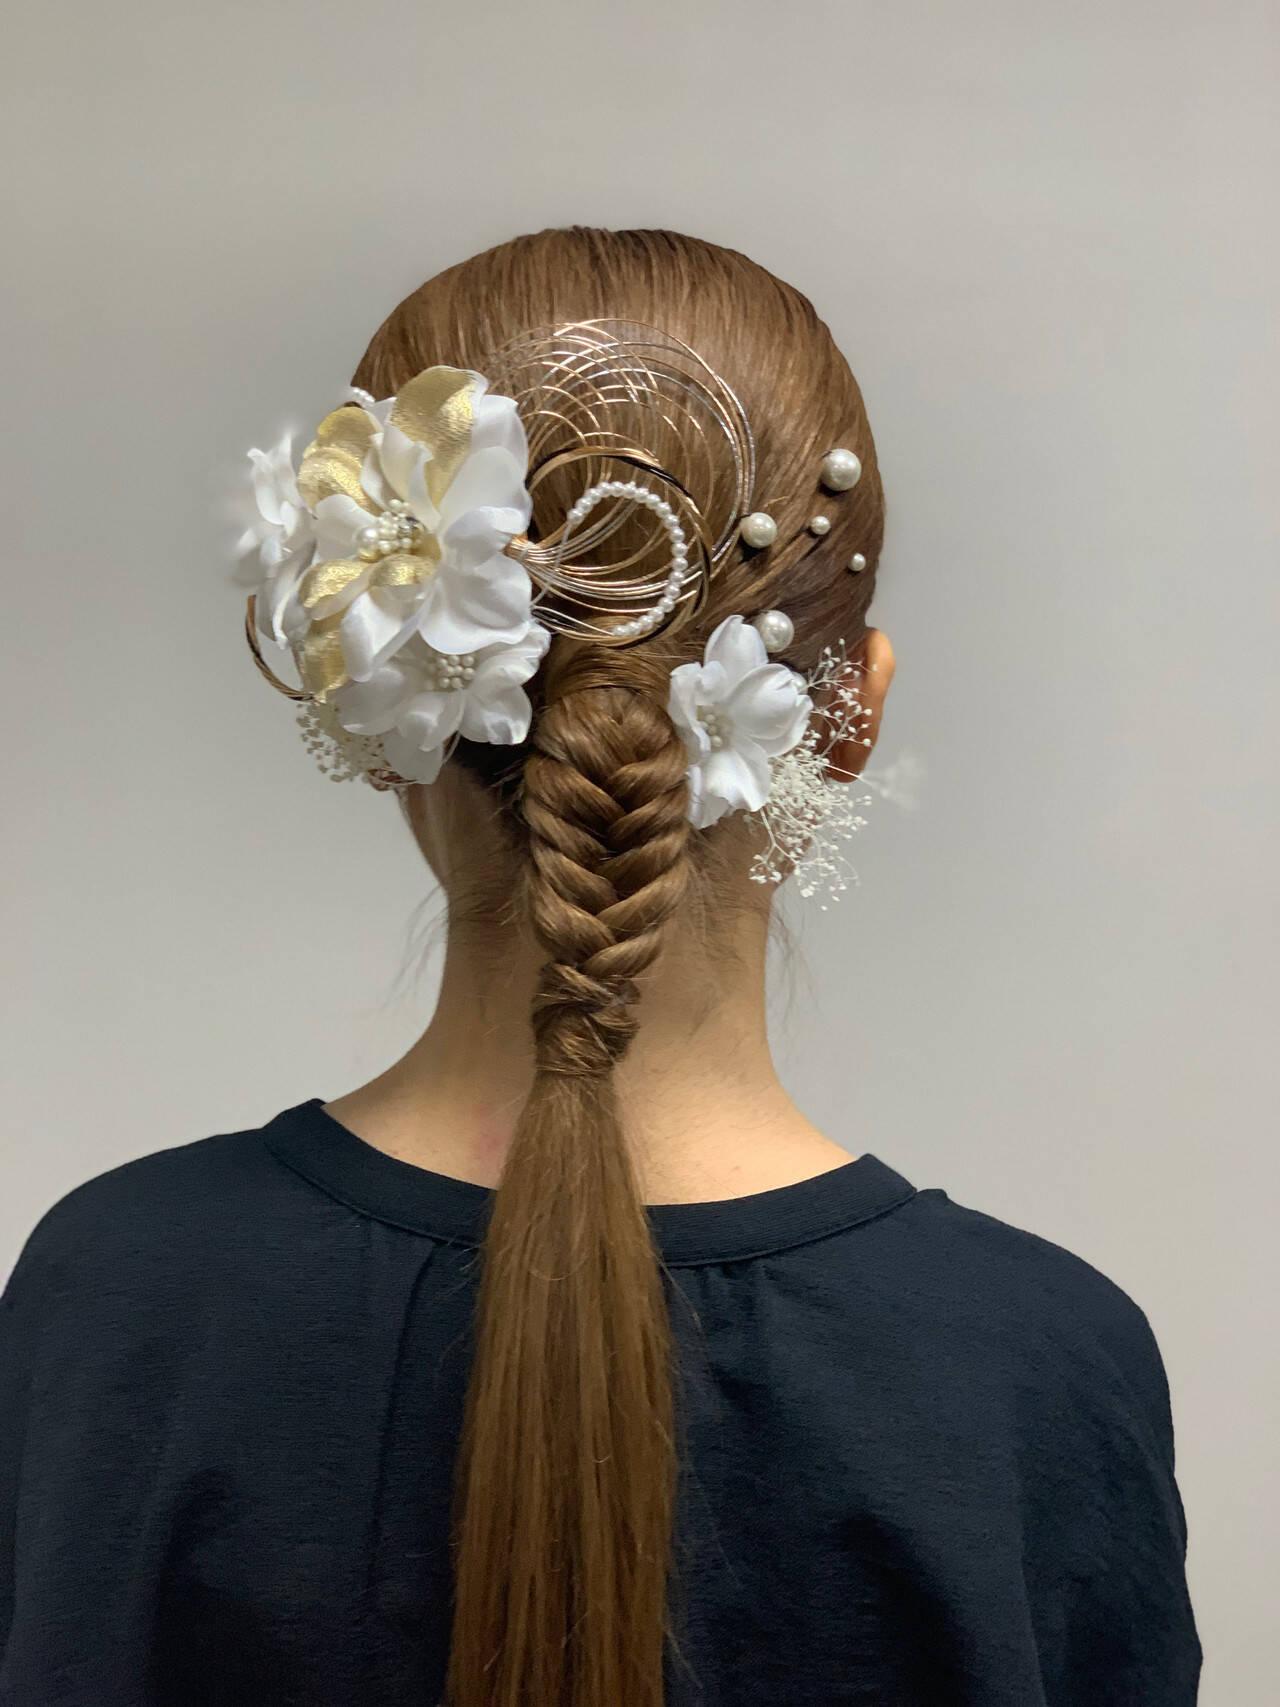 結婚式ヘアアレンジ ブリーチカラー ヘアアレンジ ポニーテールアレンジヘアスタイルや髪型の写真・画像